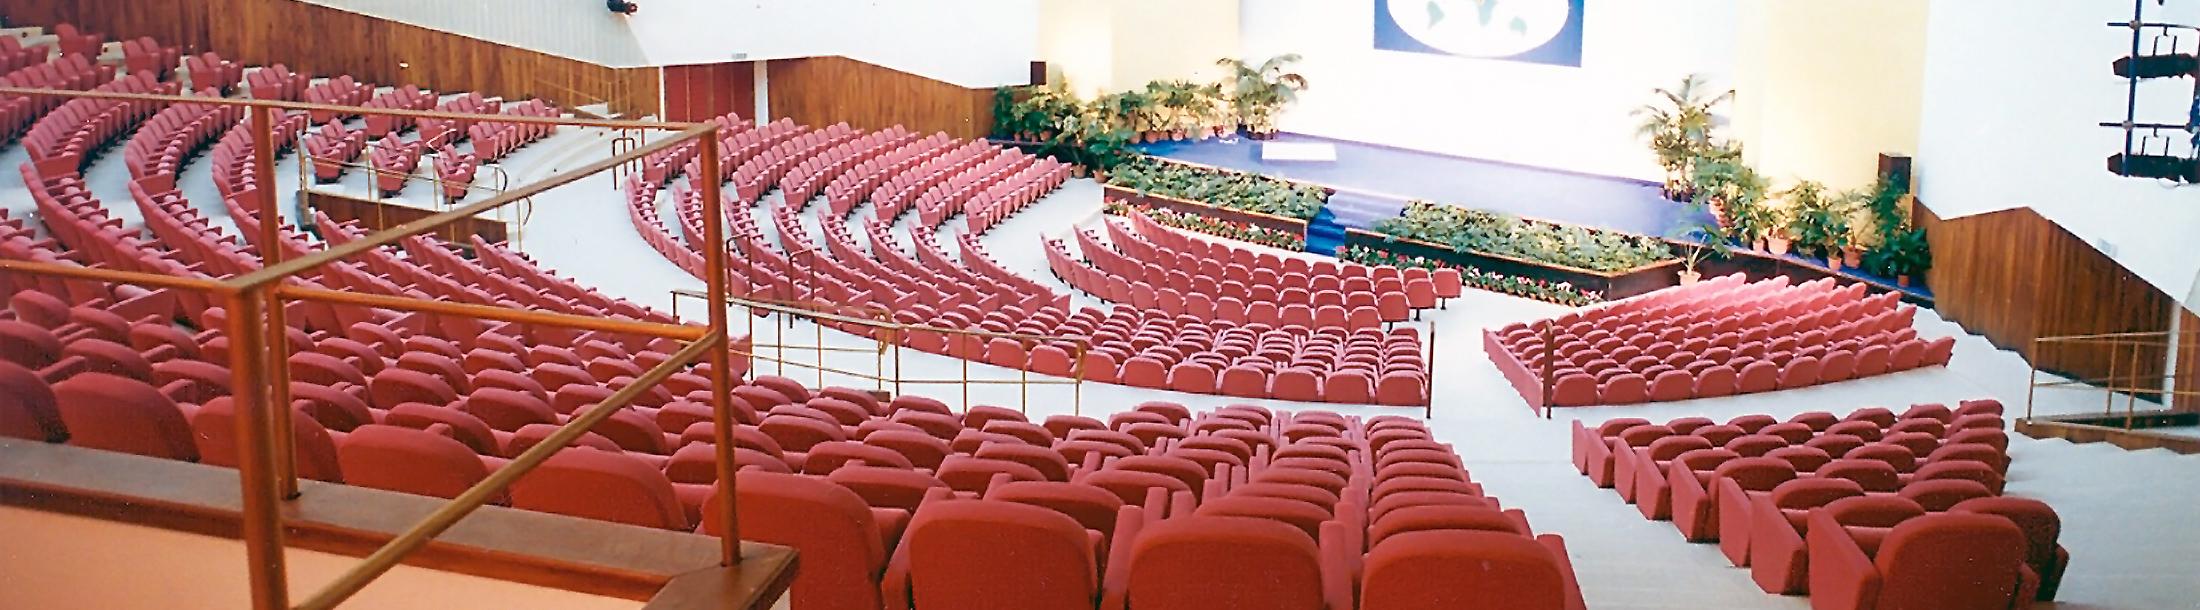 Auditorium teatro mediterraneo